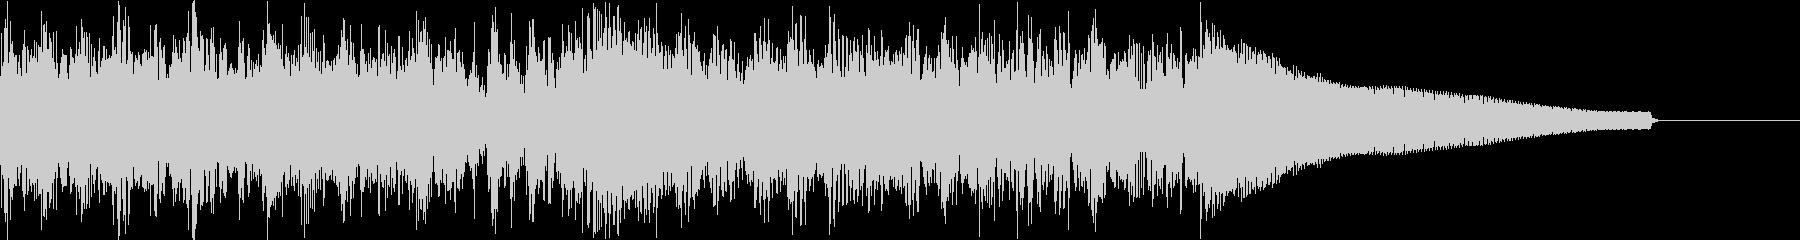 カントリー風ギターイントロ−07Iの未再生の波形